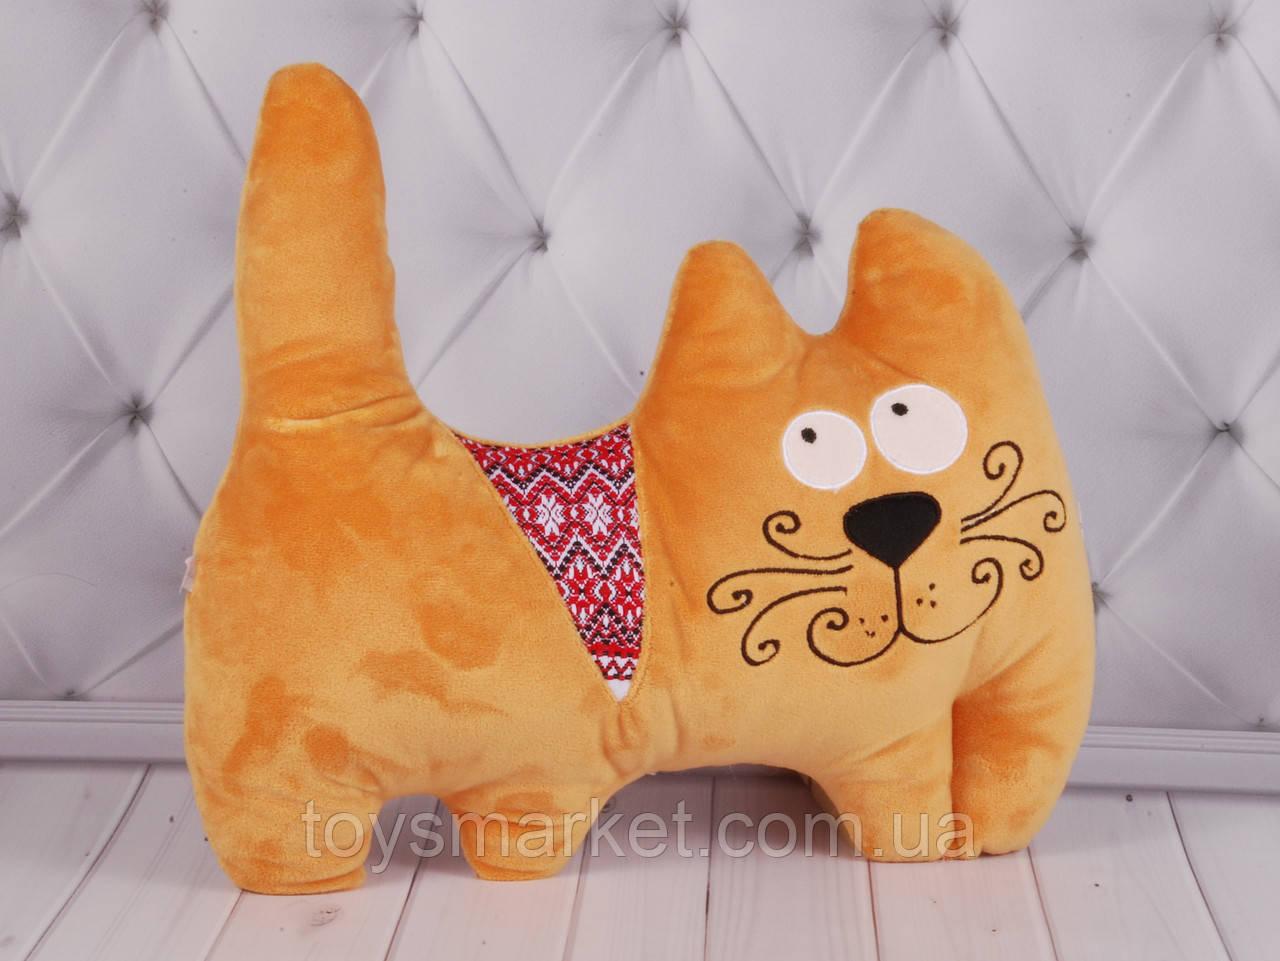 Мягкая игрушка Кот с орнаментом, украинские национальные игрушки, плюшевый кот